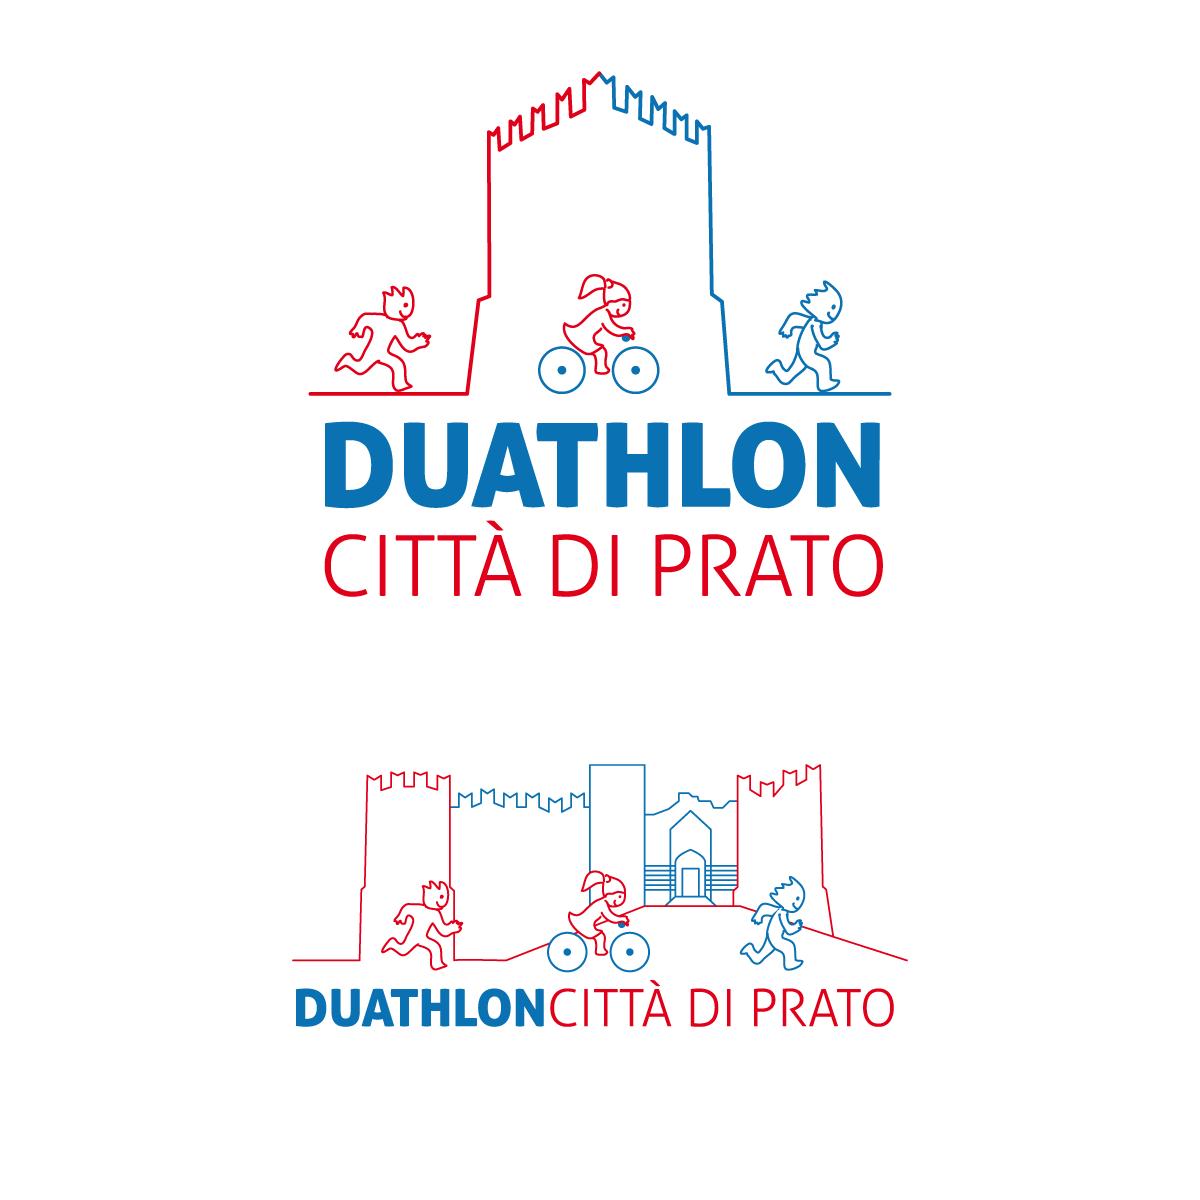 Duathlon Città di Prato – brand design